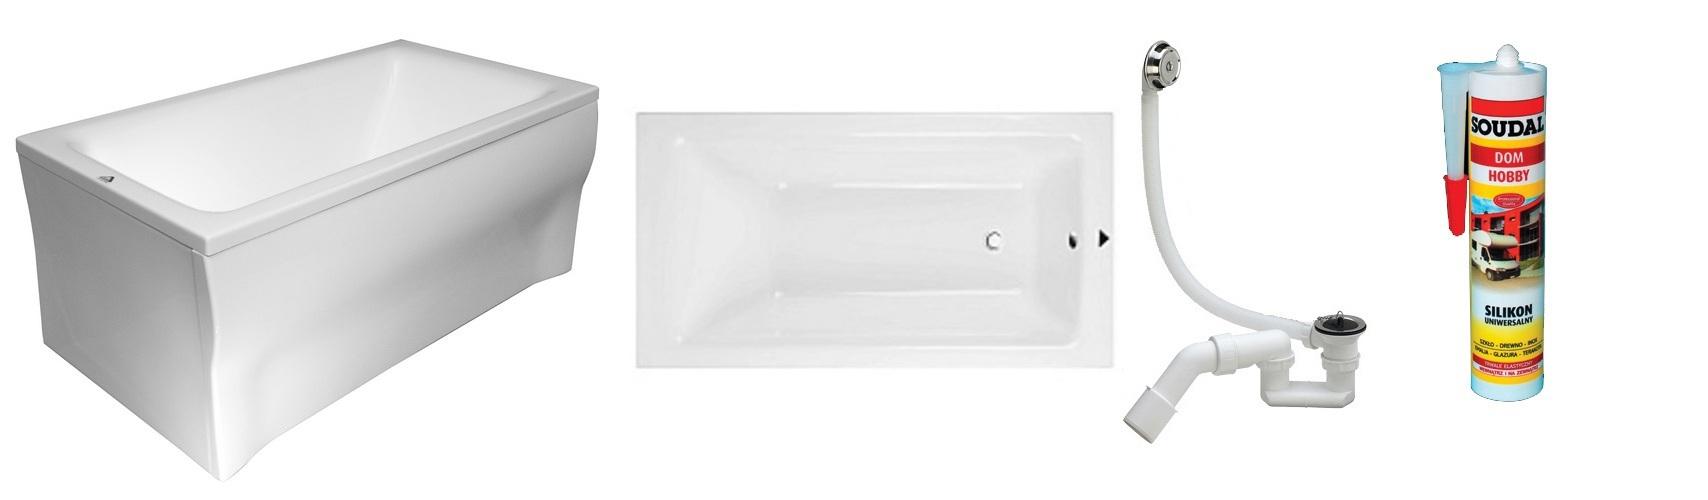 badewanne wanne rechteck acryl 120 x 70 cm sch rze ablauf. Black Bedroom Furniture Sets. Home Design Ideas